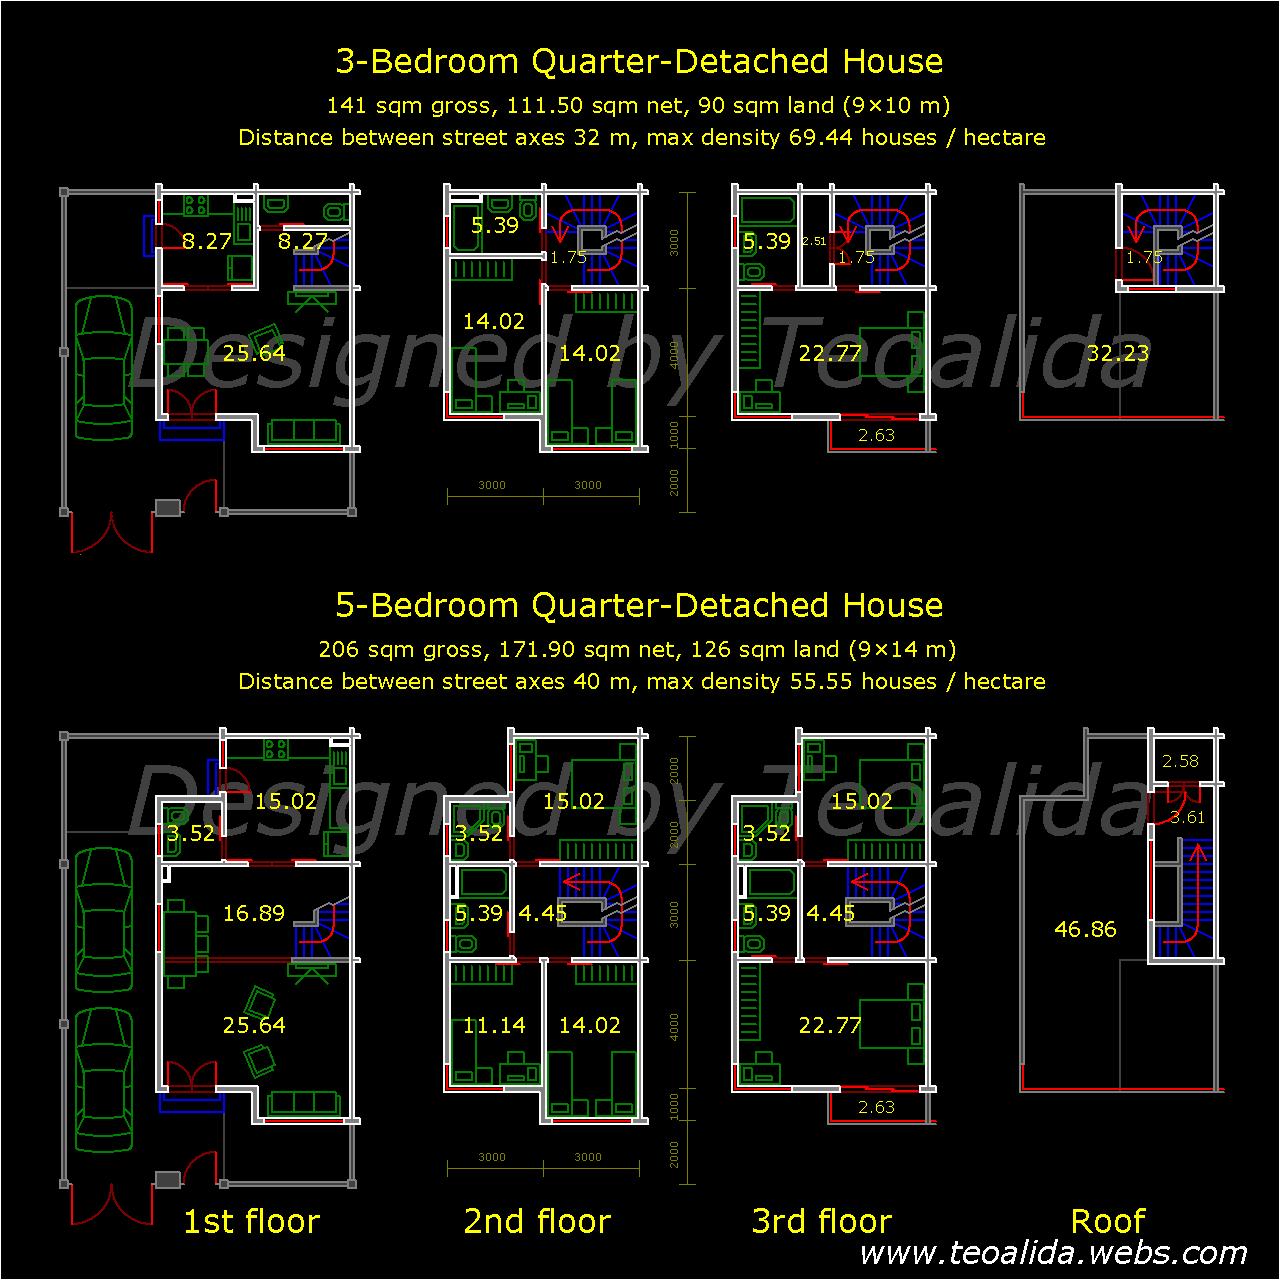 Quarter-Detached house plan